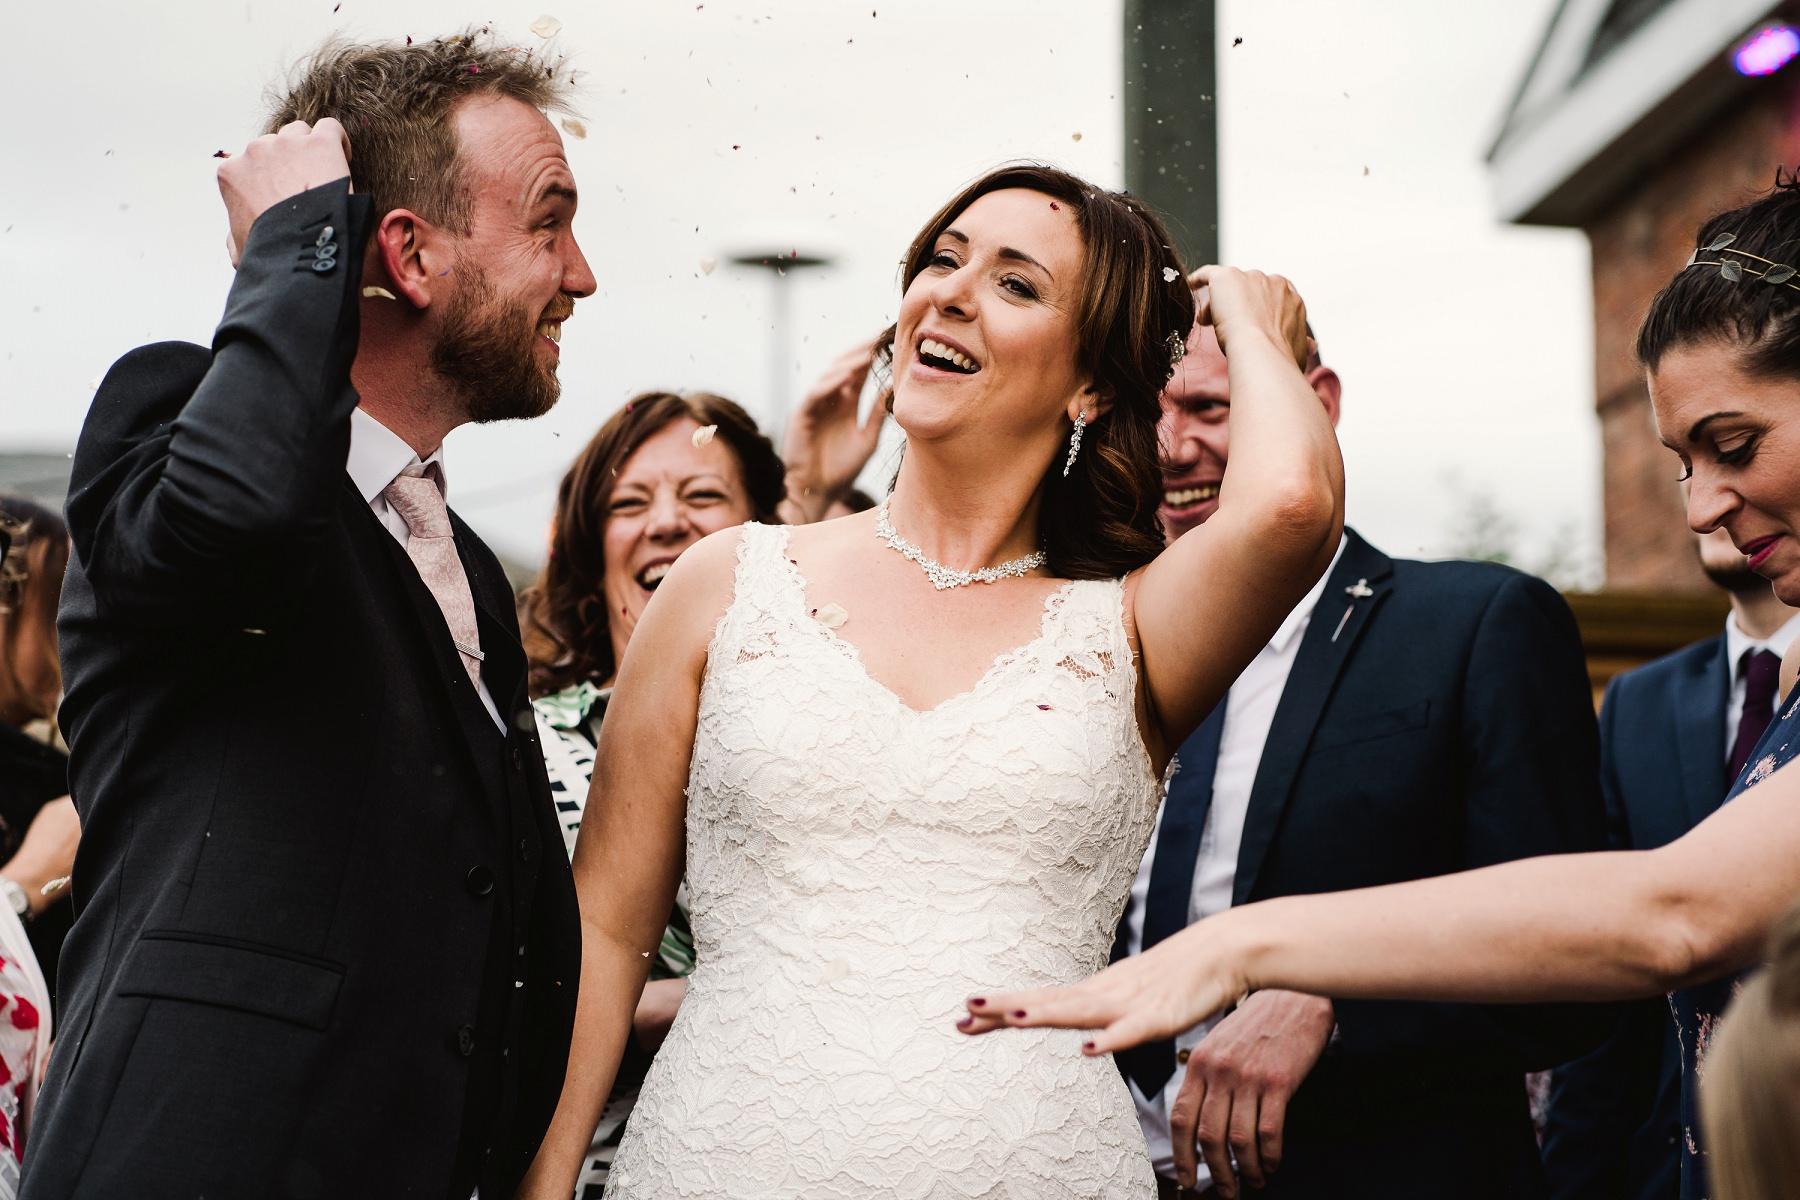 emma_steffan_wedding_buttermarket_0258.jpg